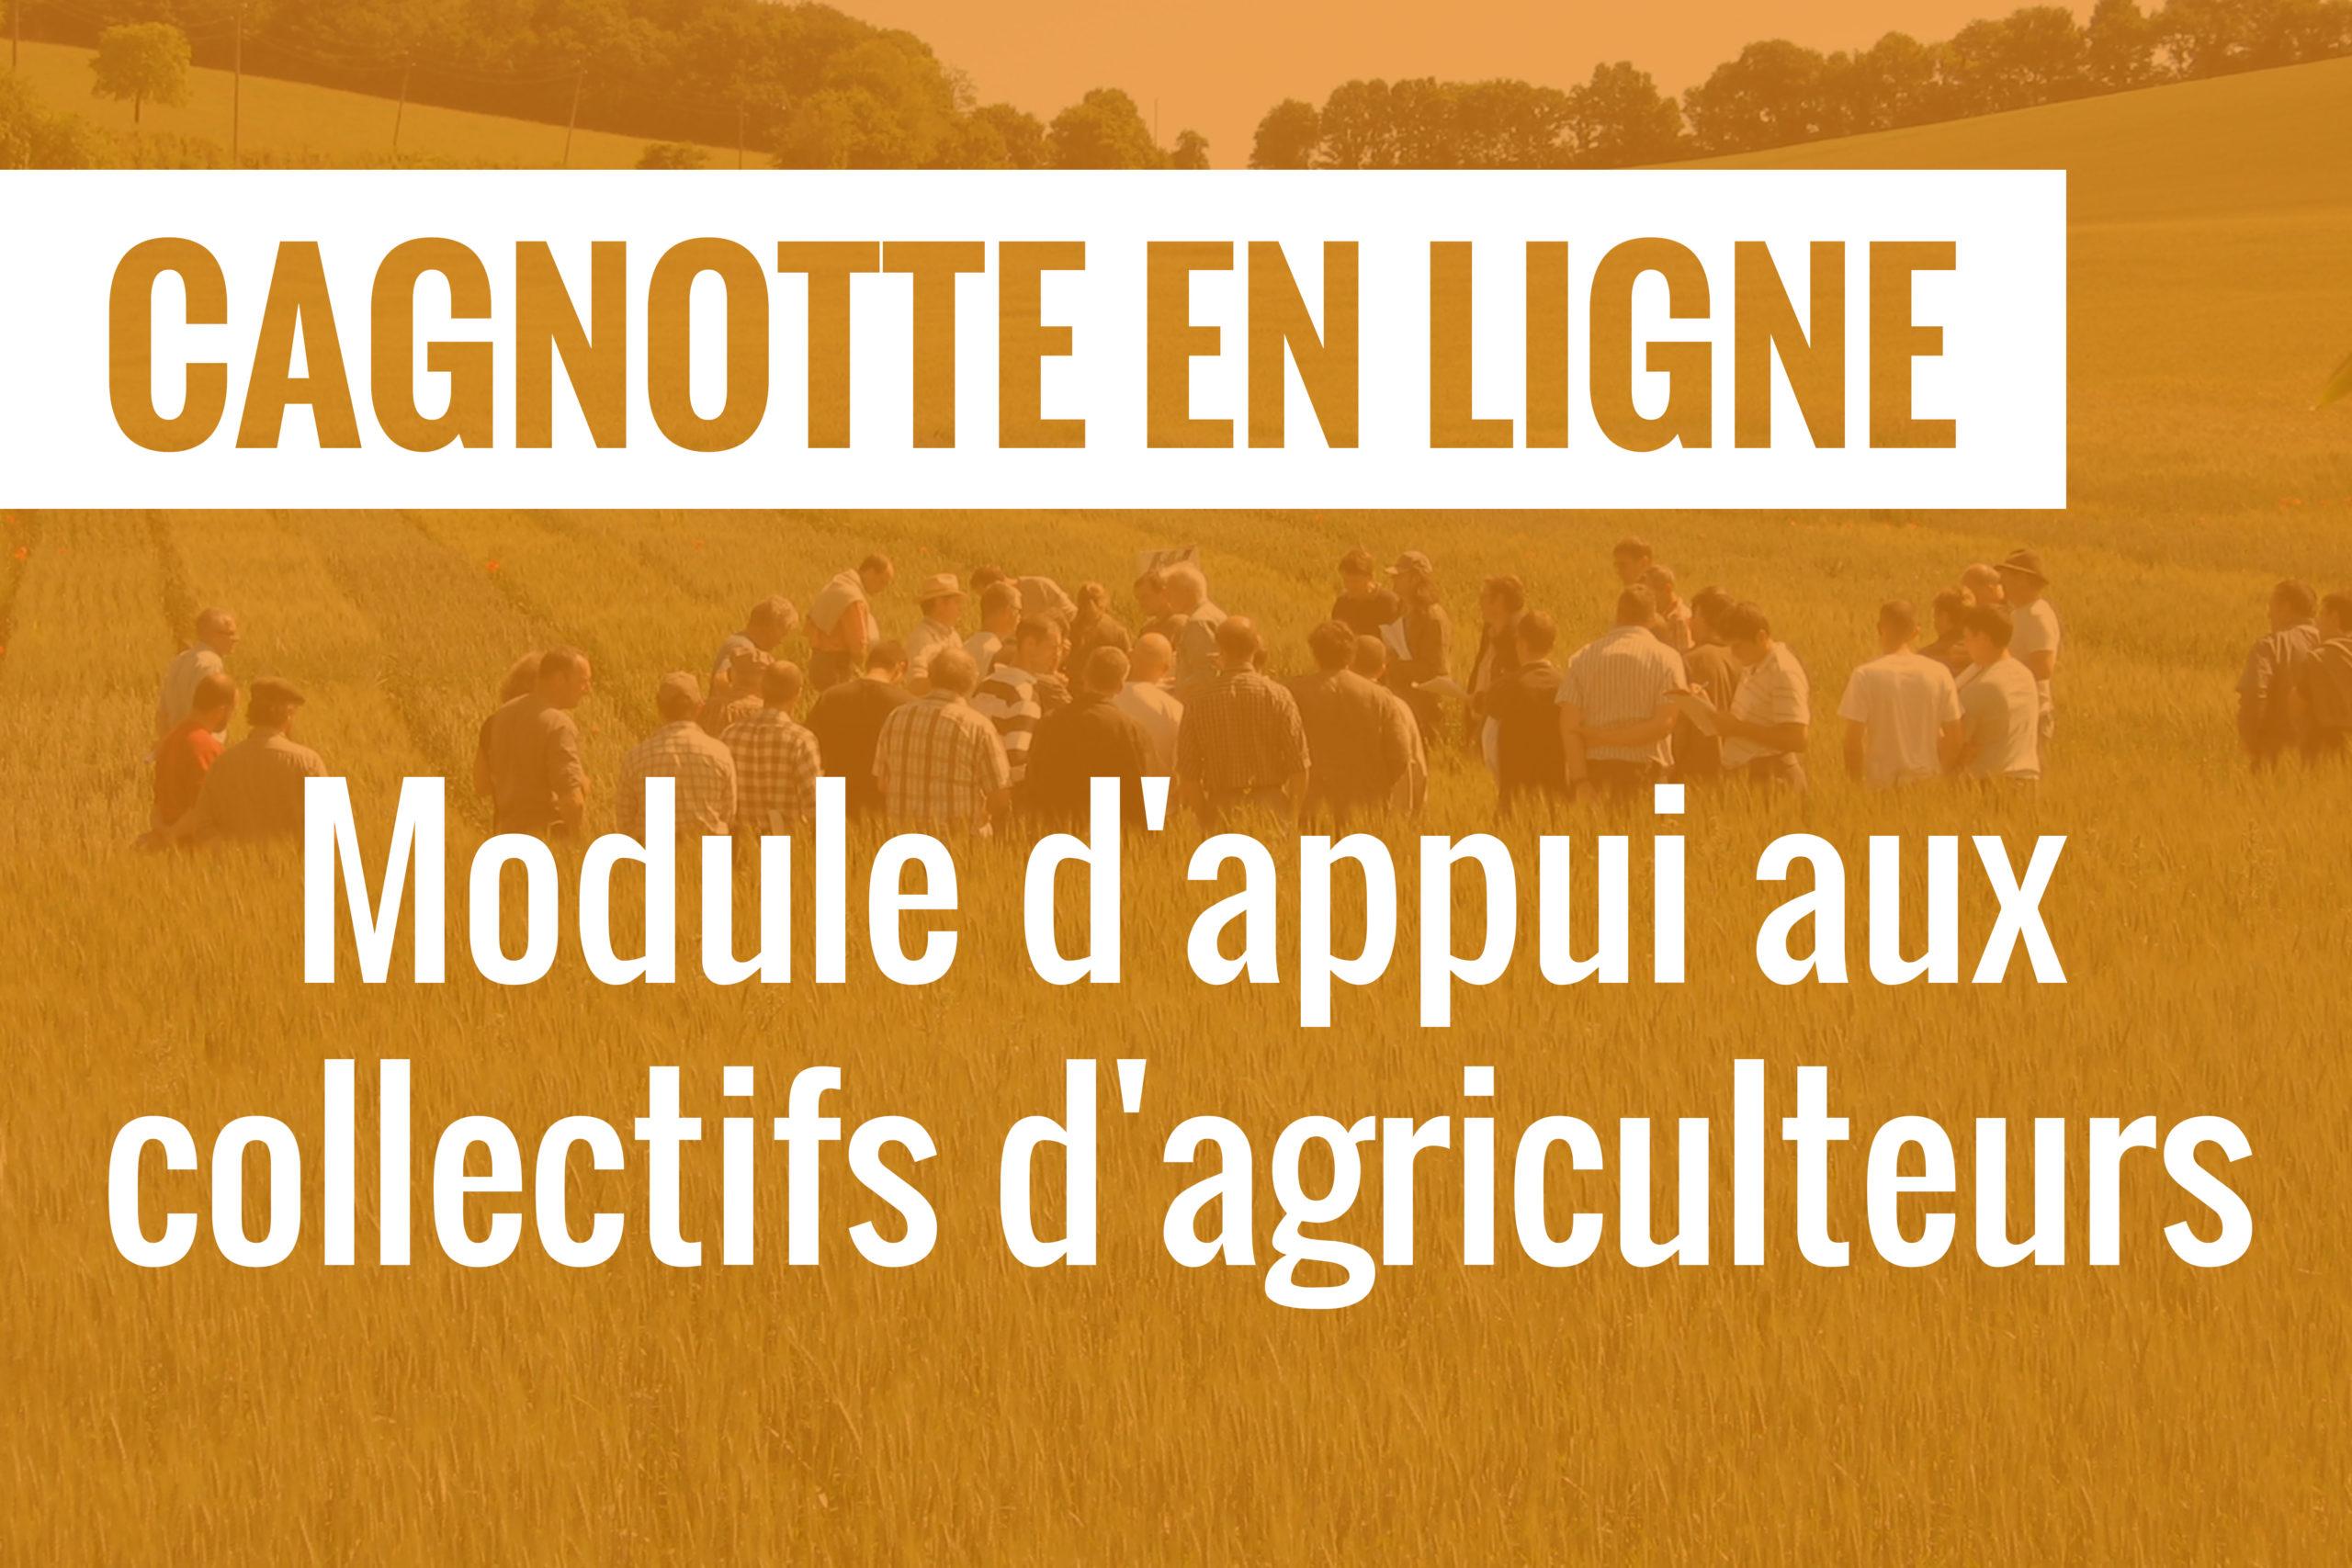 Une cagnotte en ligne pour financer un module d'appui aux collectifs d'agriculteurs